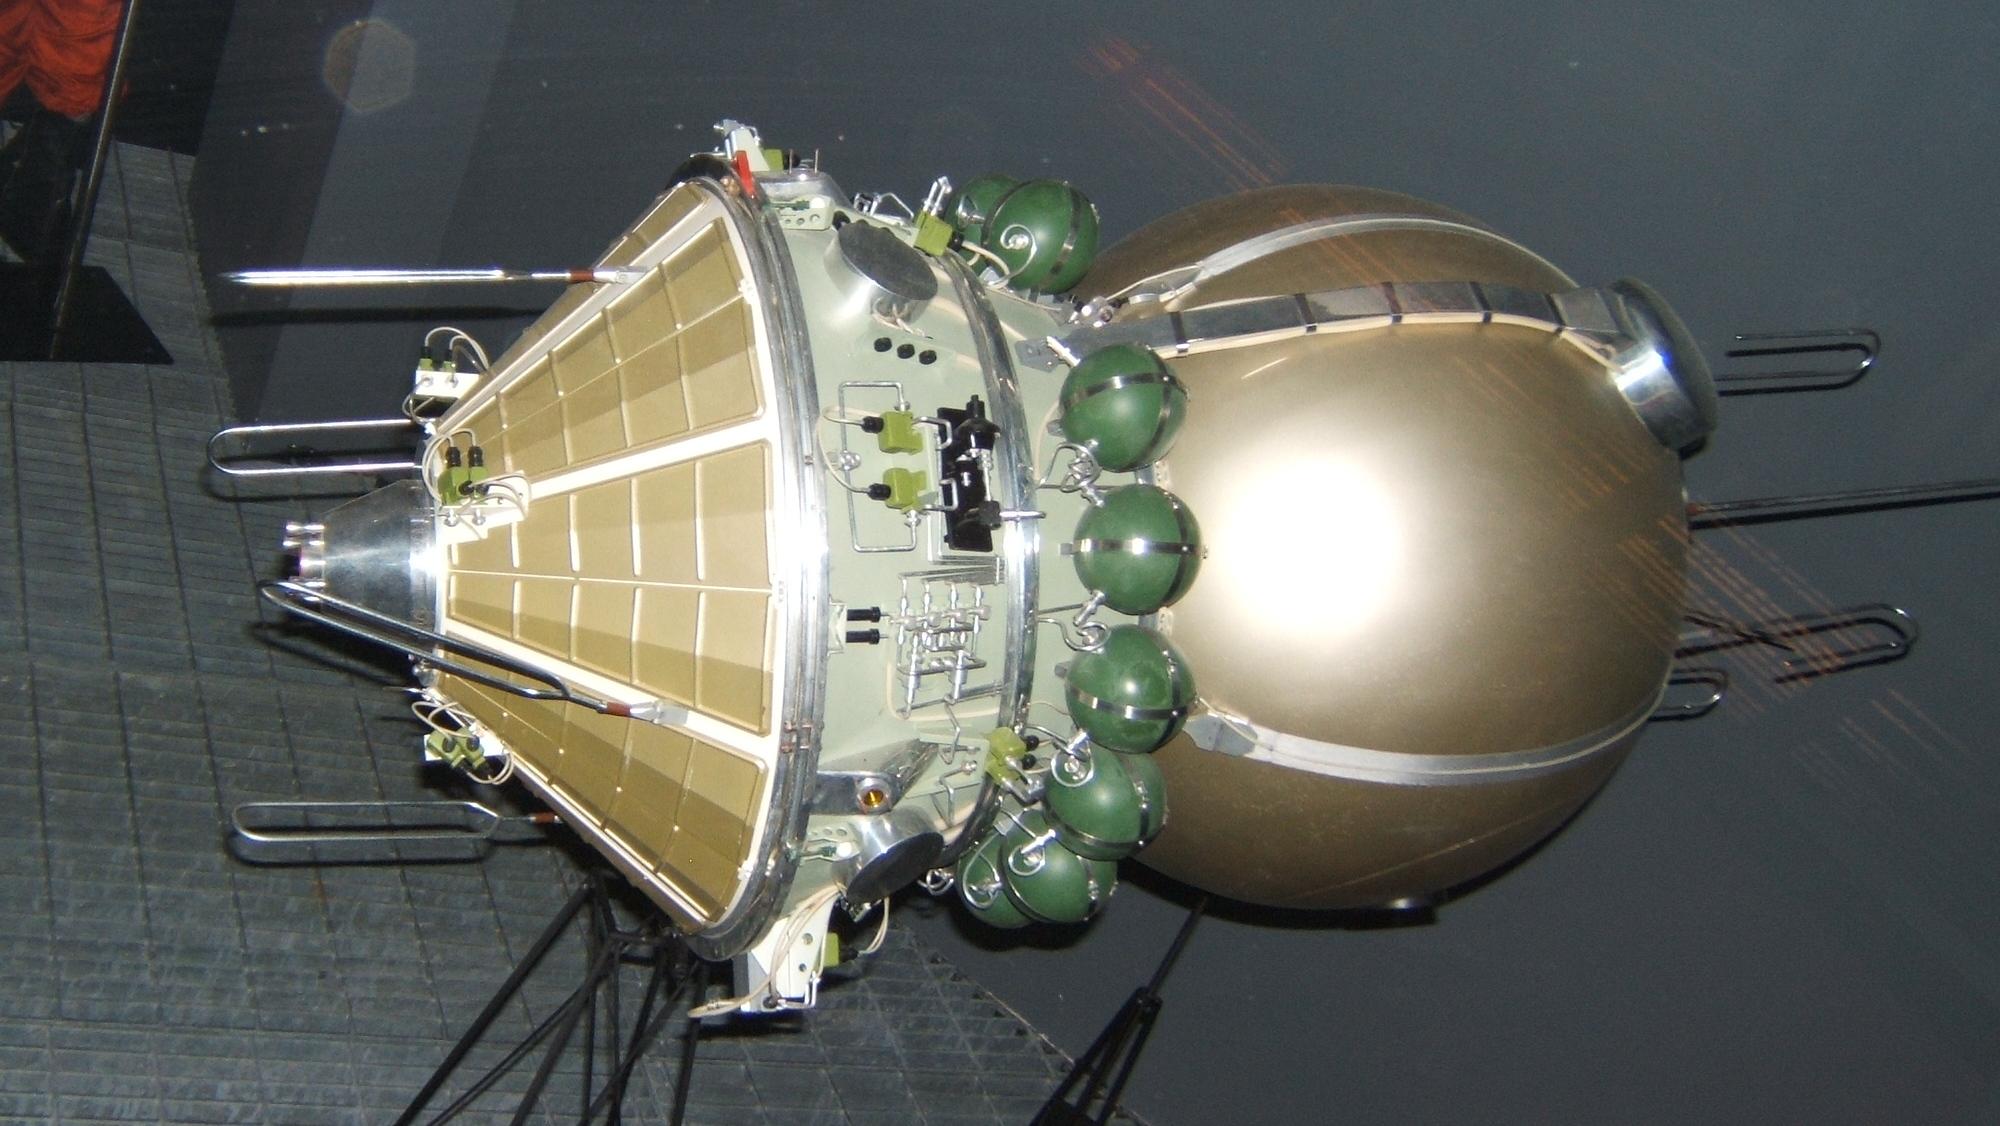 vostok rocket model - photo #40